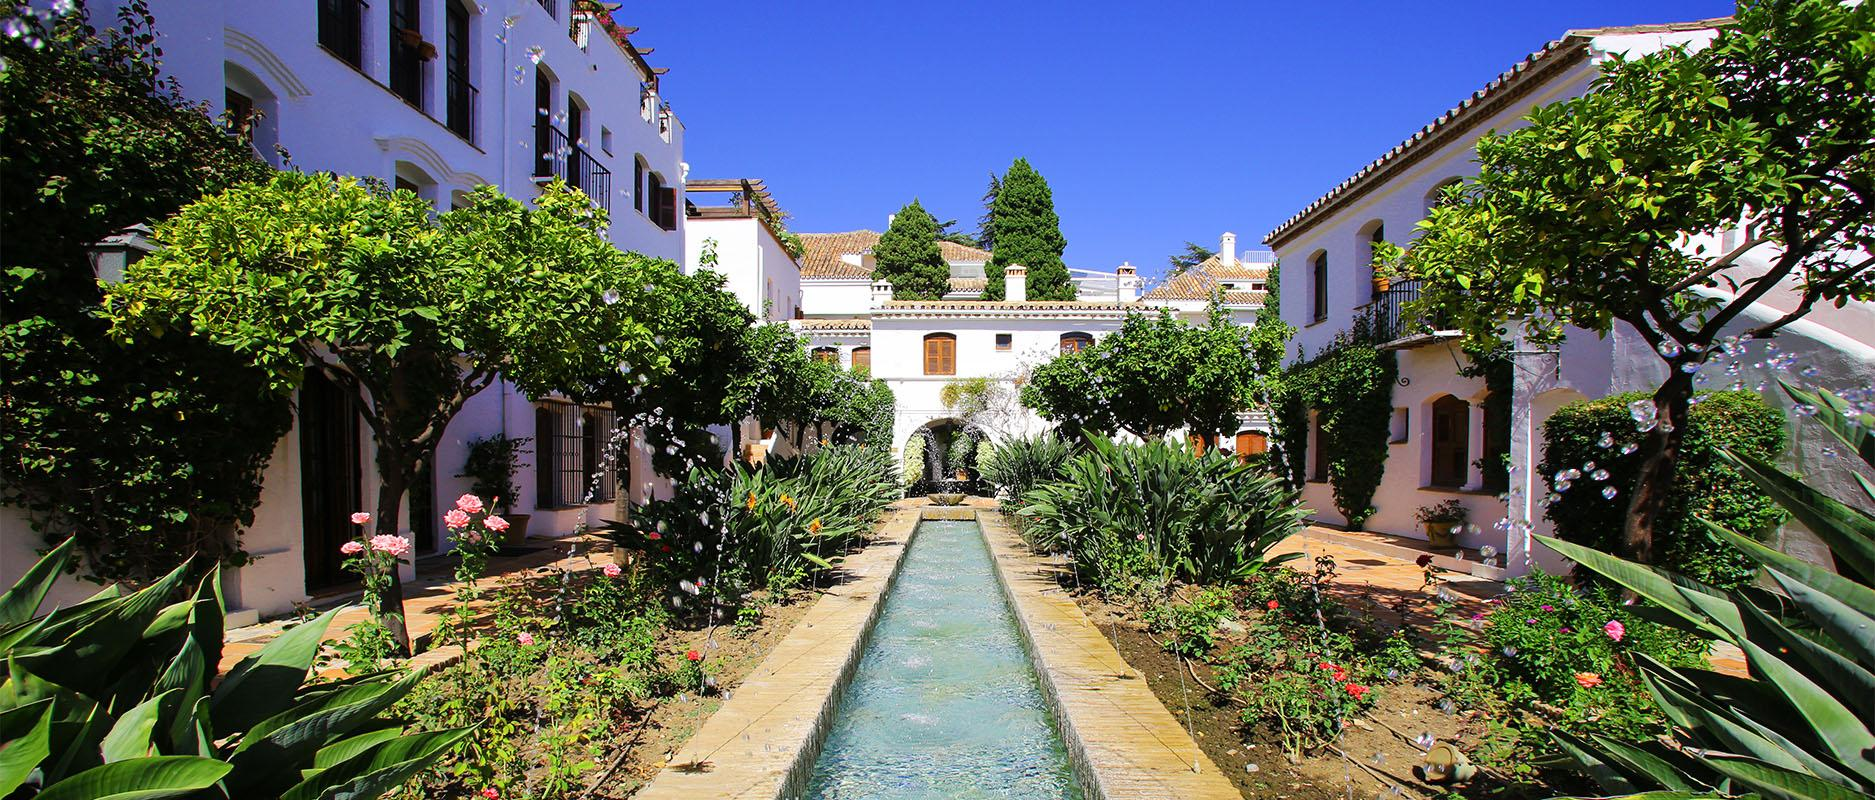 Apartment Señorio de Marbella Marbella Golden Mile, Marbella